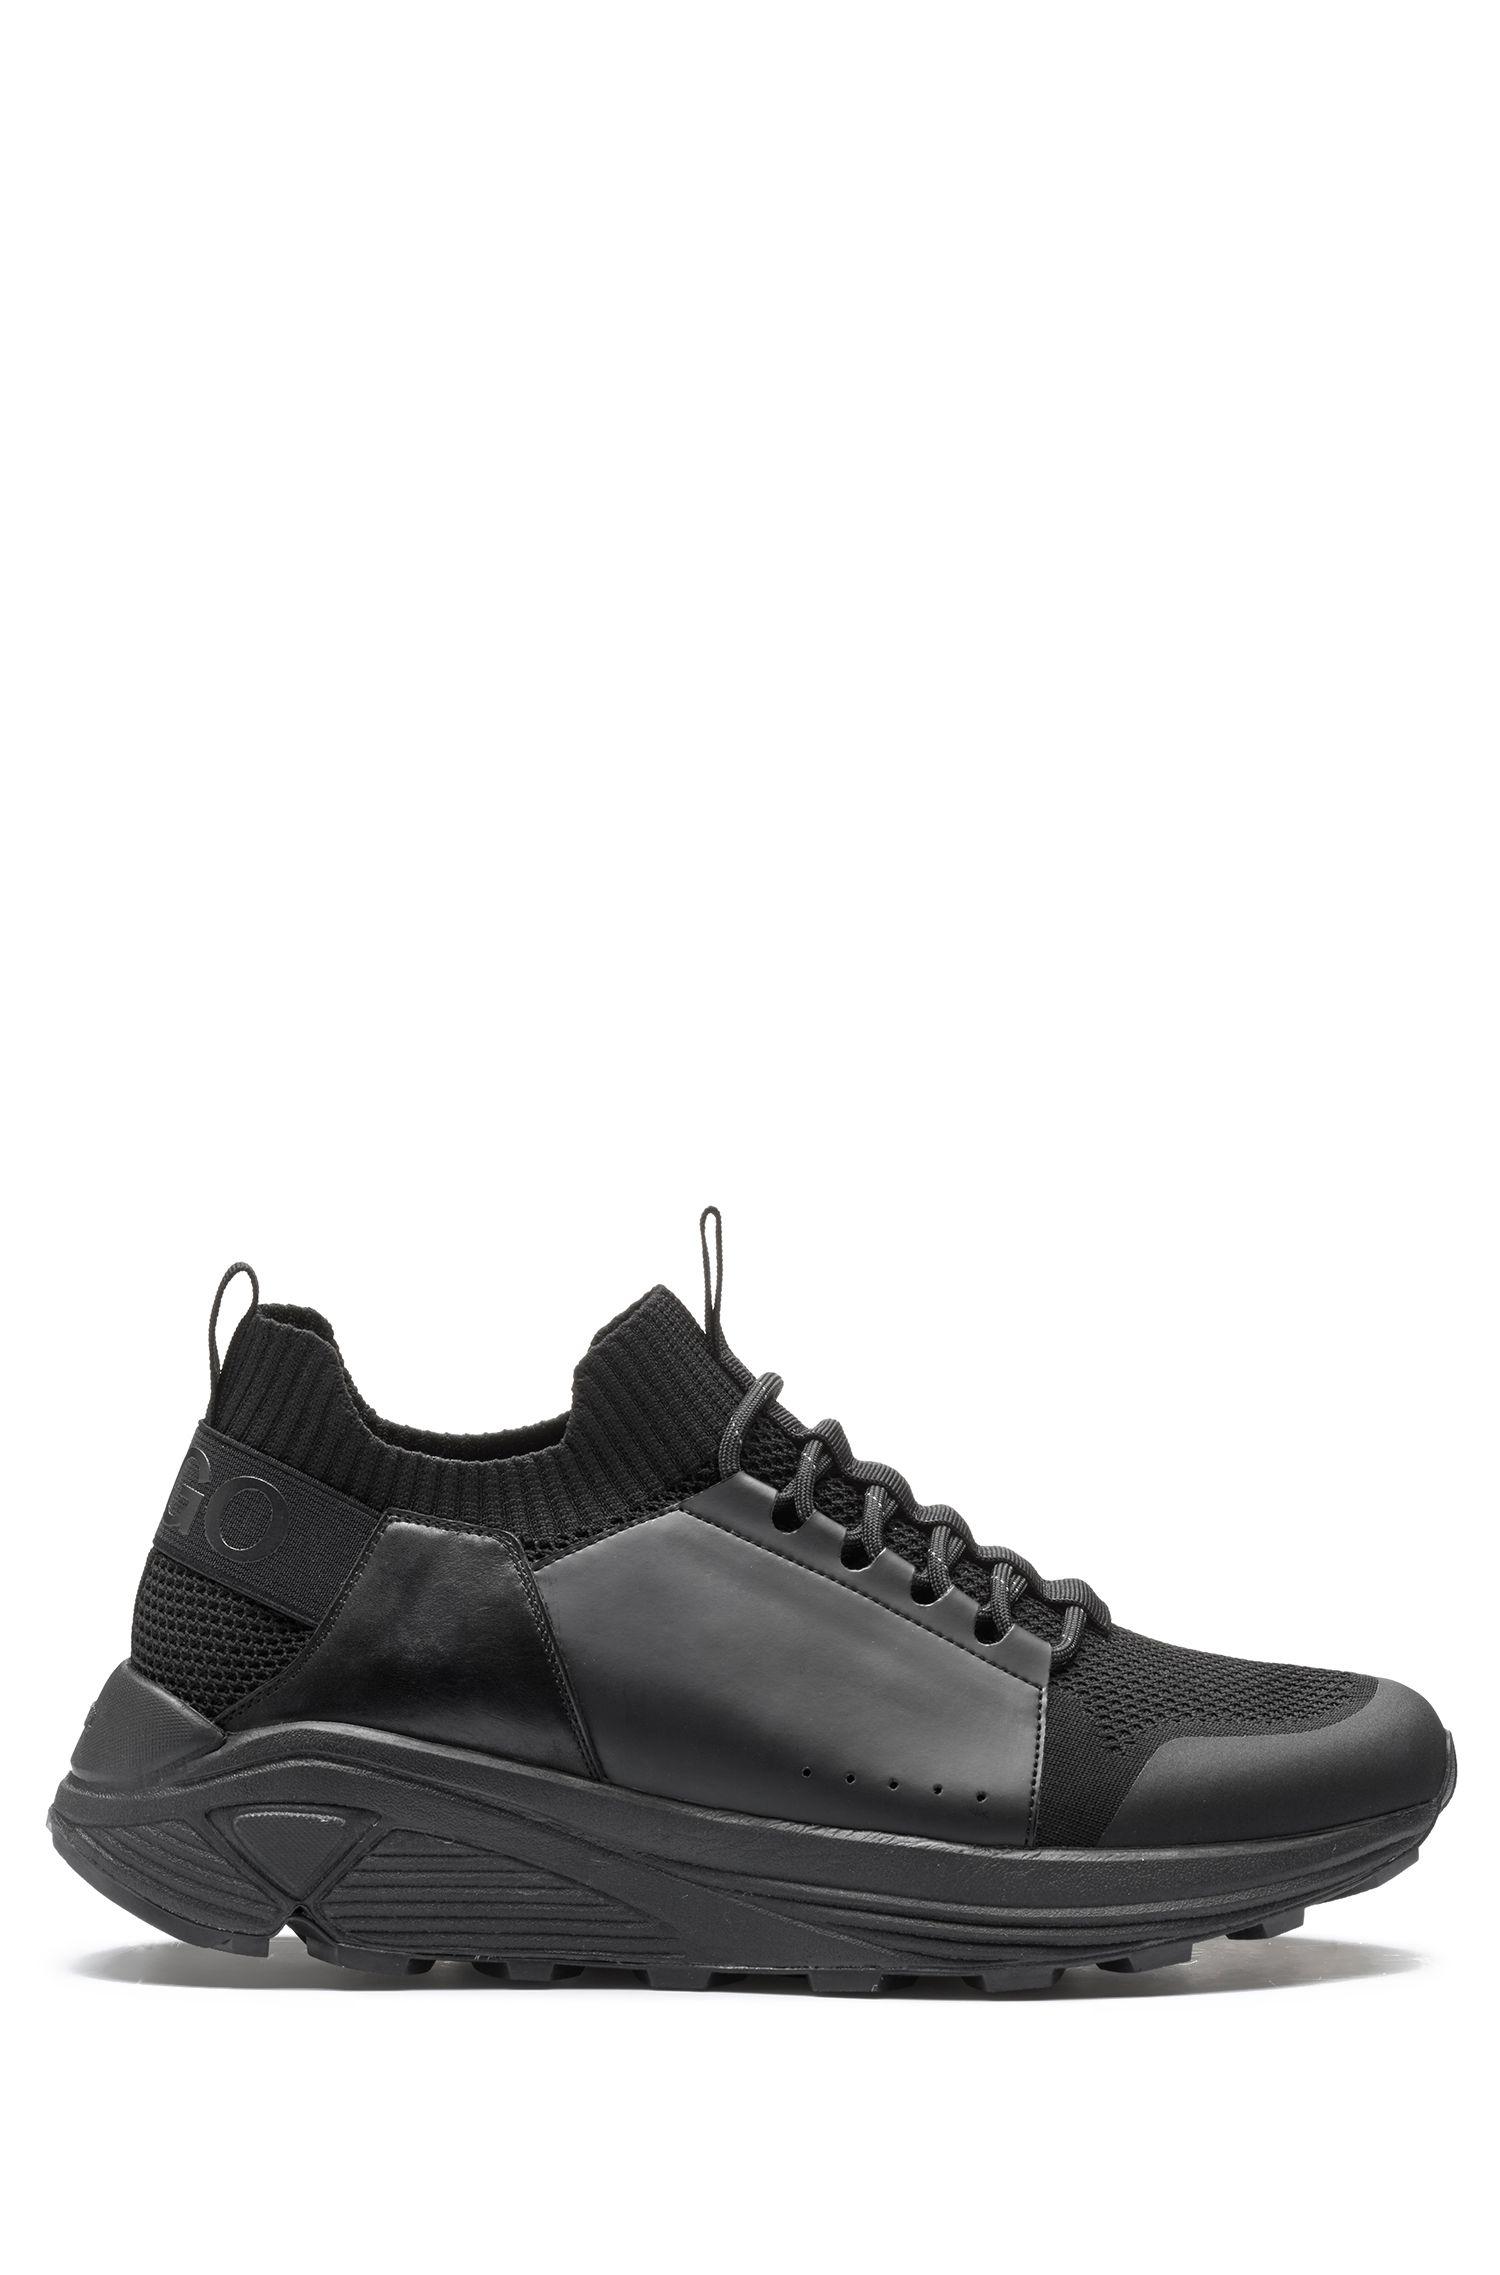 Baskets à lacets modernes avec semelle Vibram épaisse, Noir